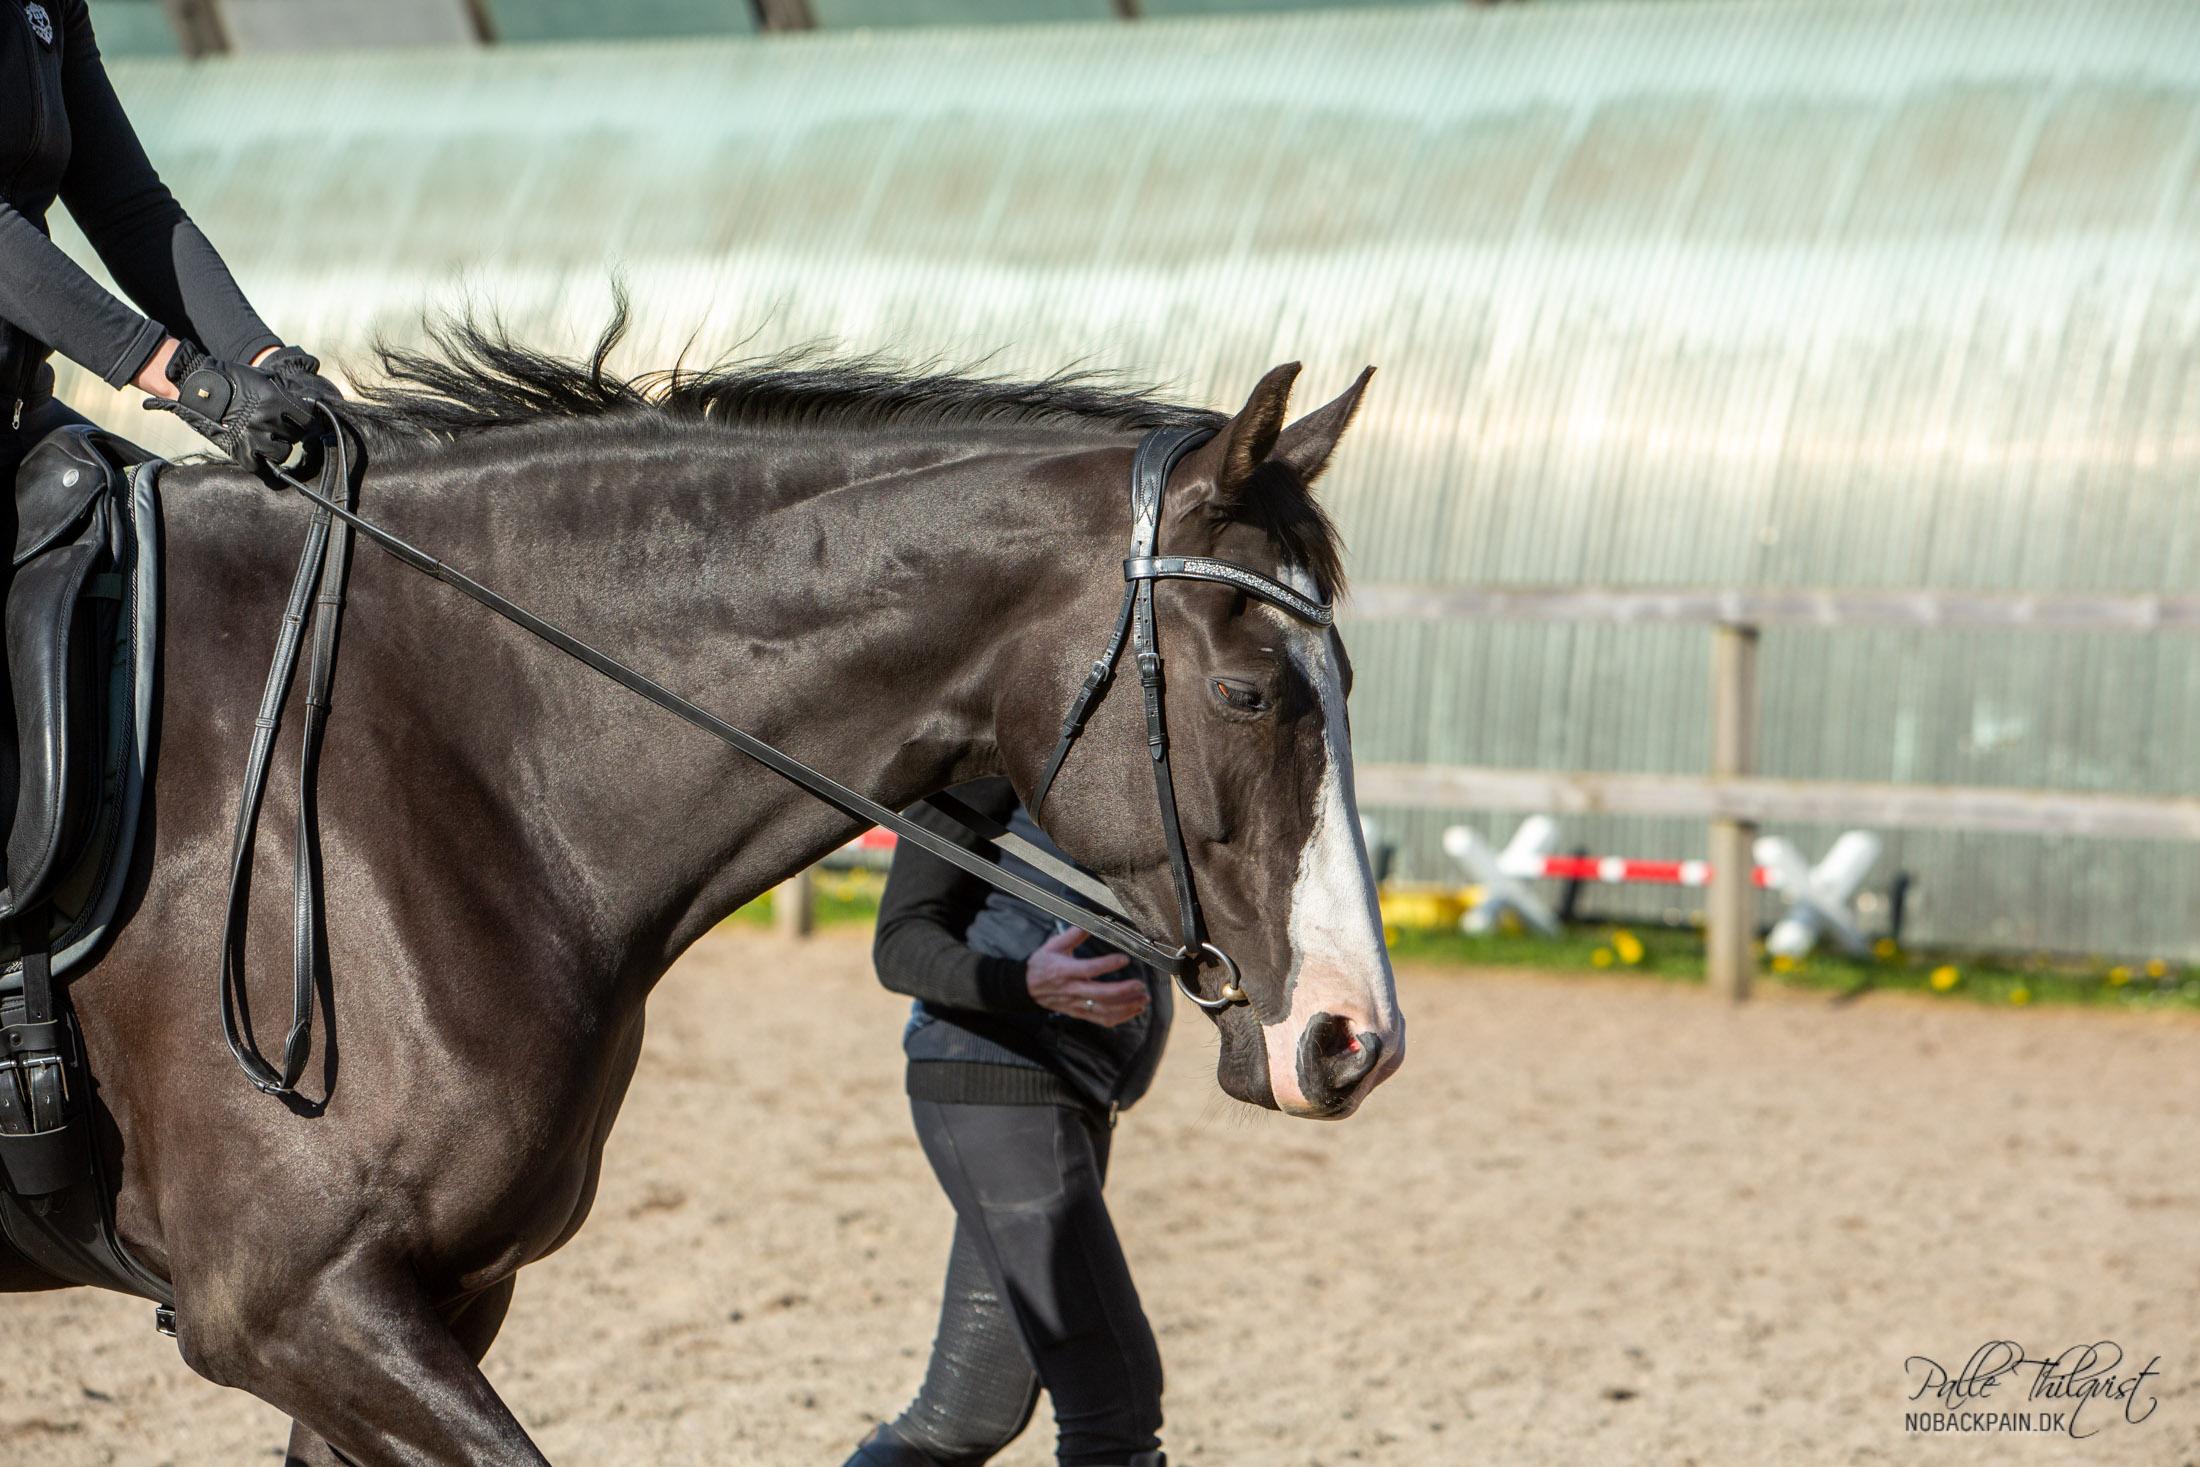 Det er vigtigt at hesten altid går foran lod. Indtil hesten har lært at bruge sin ryg korrekt og indtil bagbenene svinger afslappet ind under hesten, så er det vigtigt at hesten går MEGET foran lod. Med tiden når hesten får mere styrke, vil den helt naturligt komme tættere på lodplanet. Dog altid tydeligt foran lod og IKKE i lod.